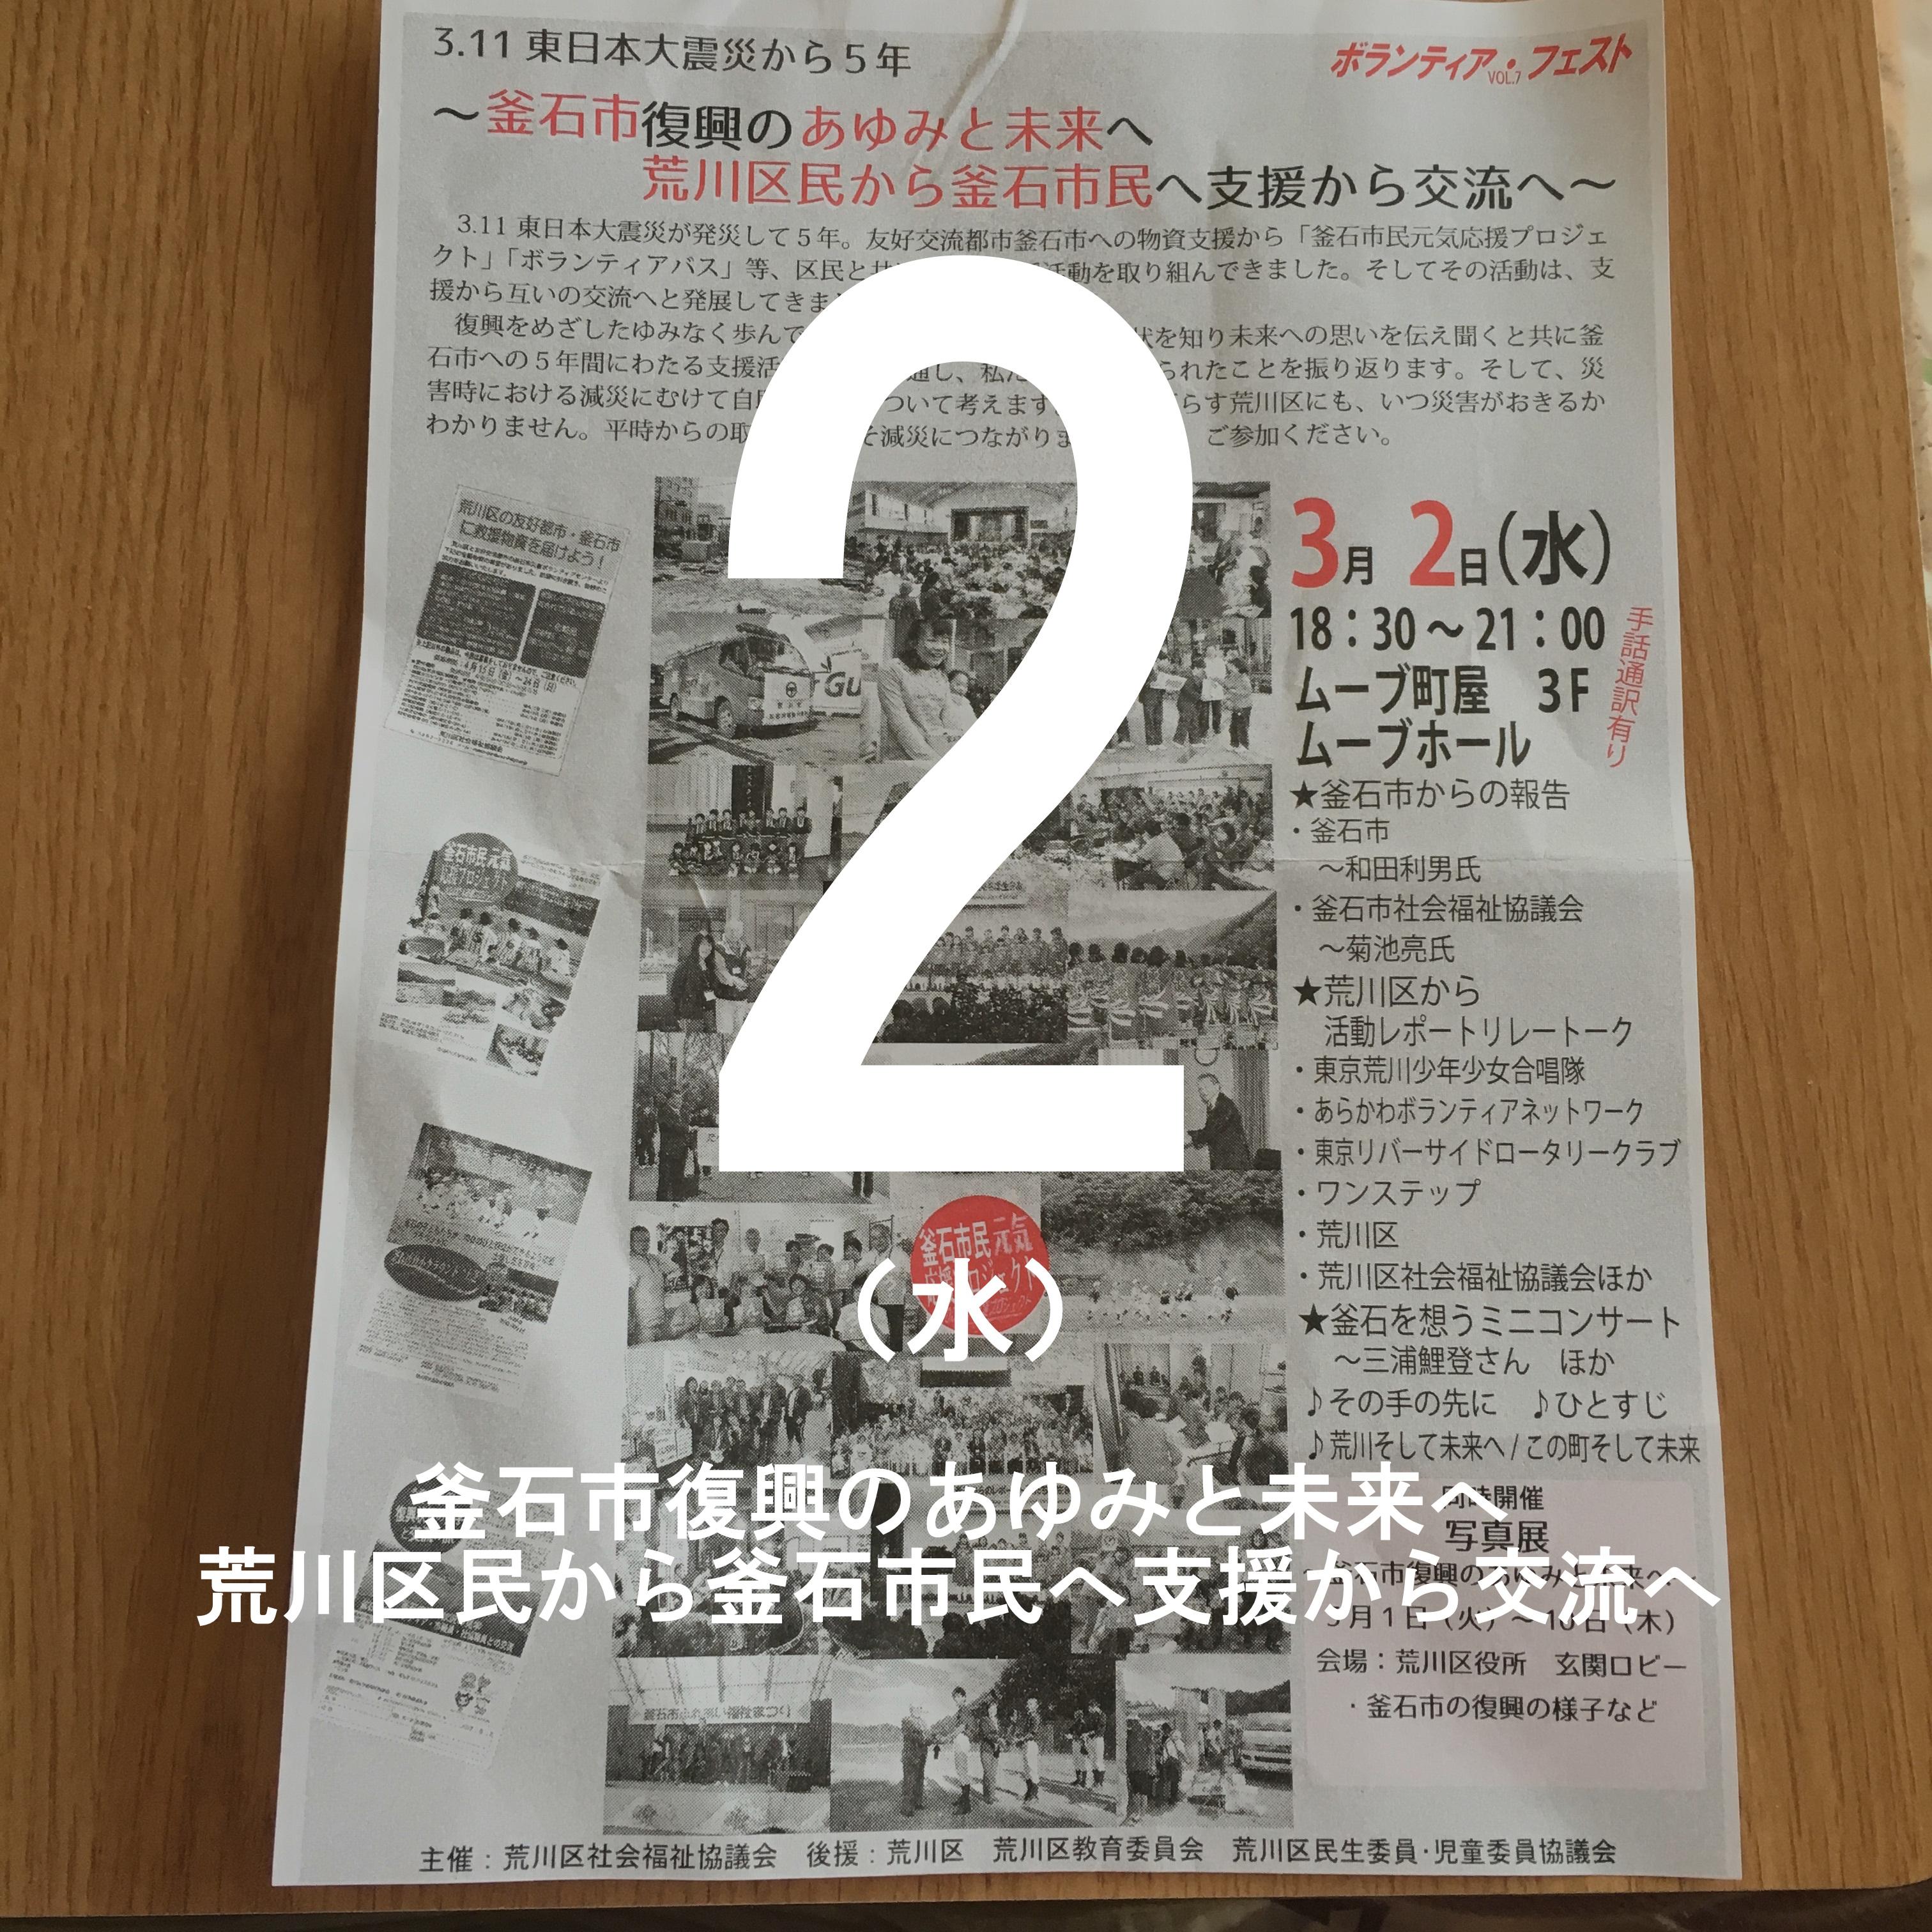 釜石復興支援